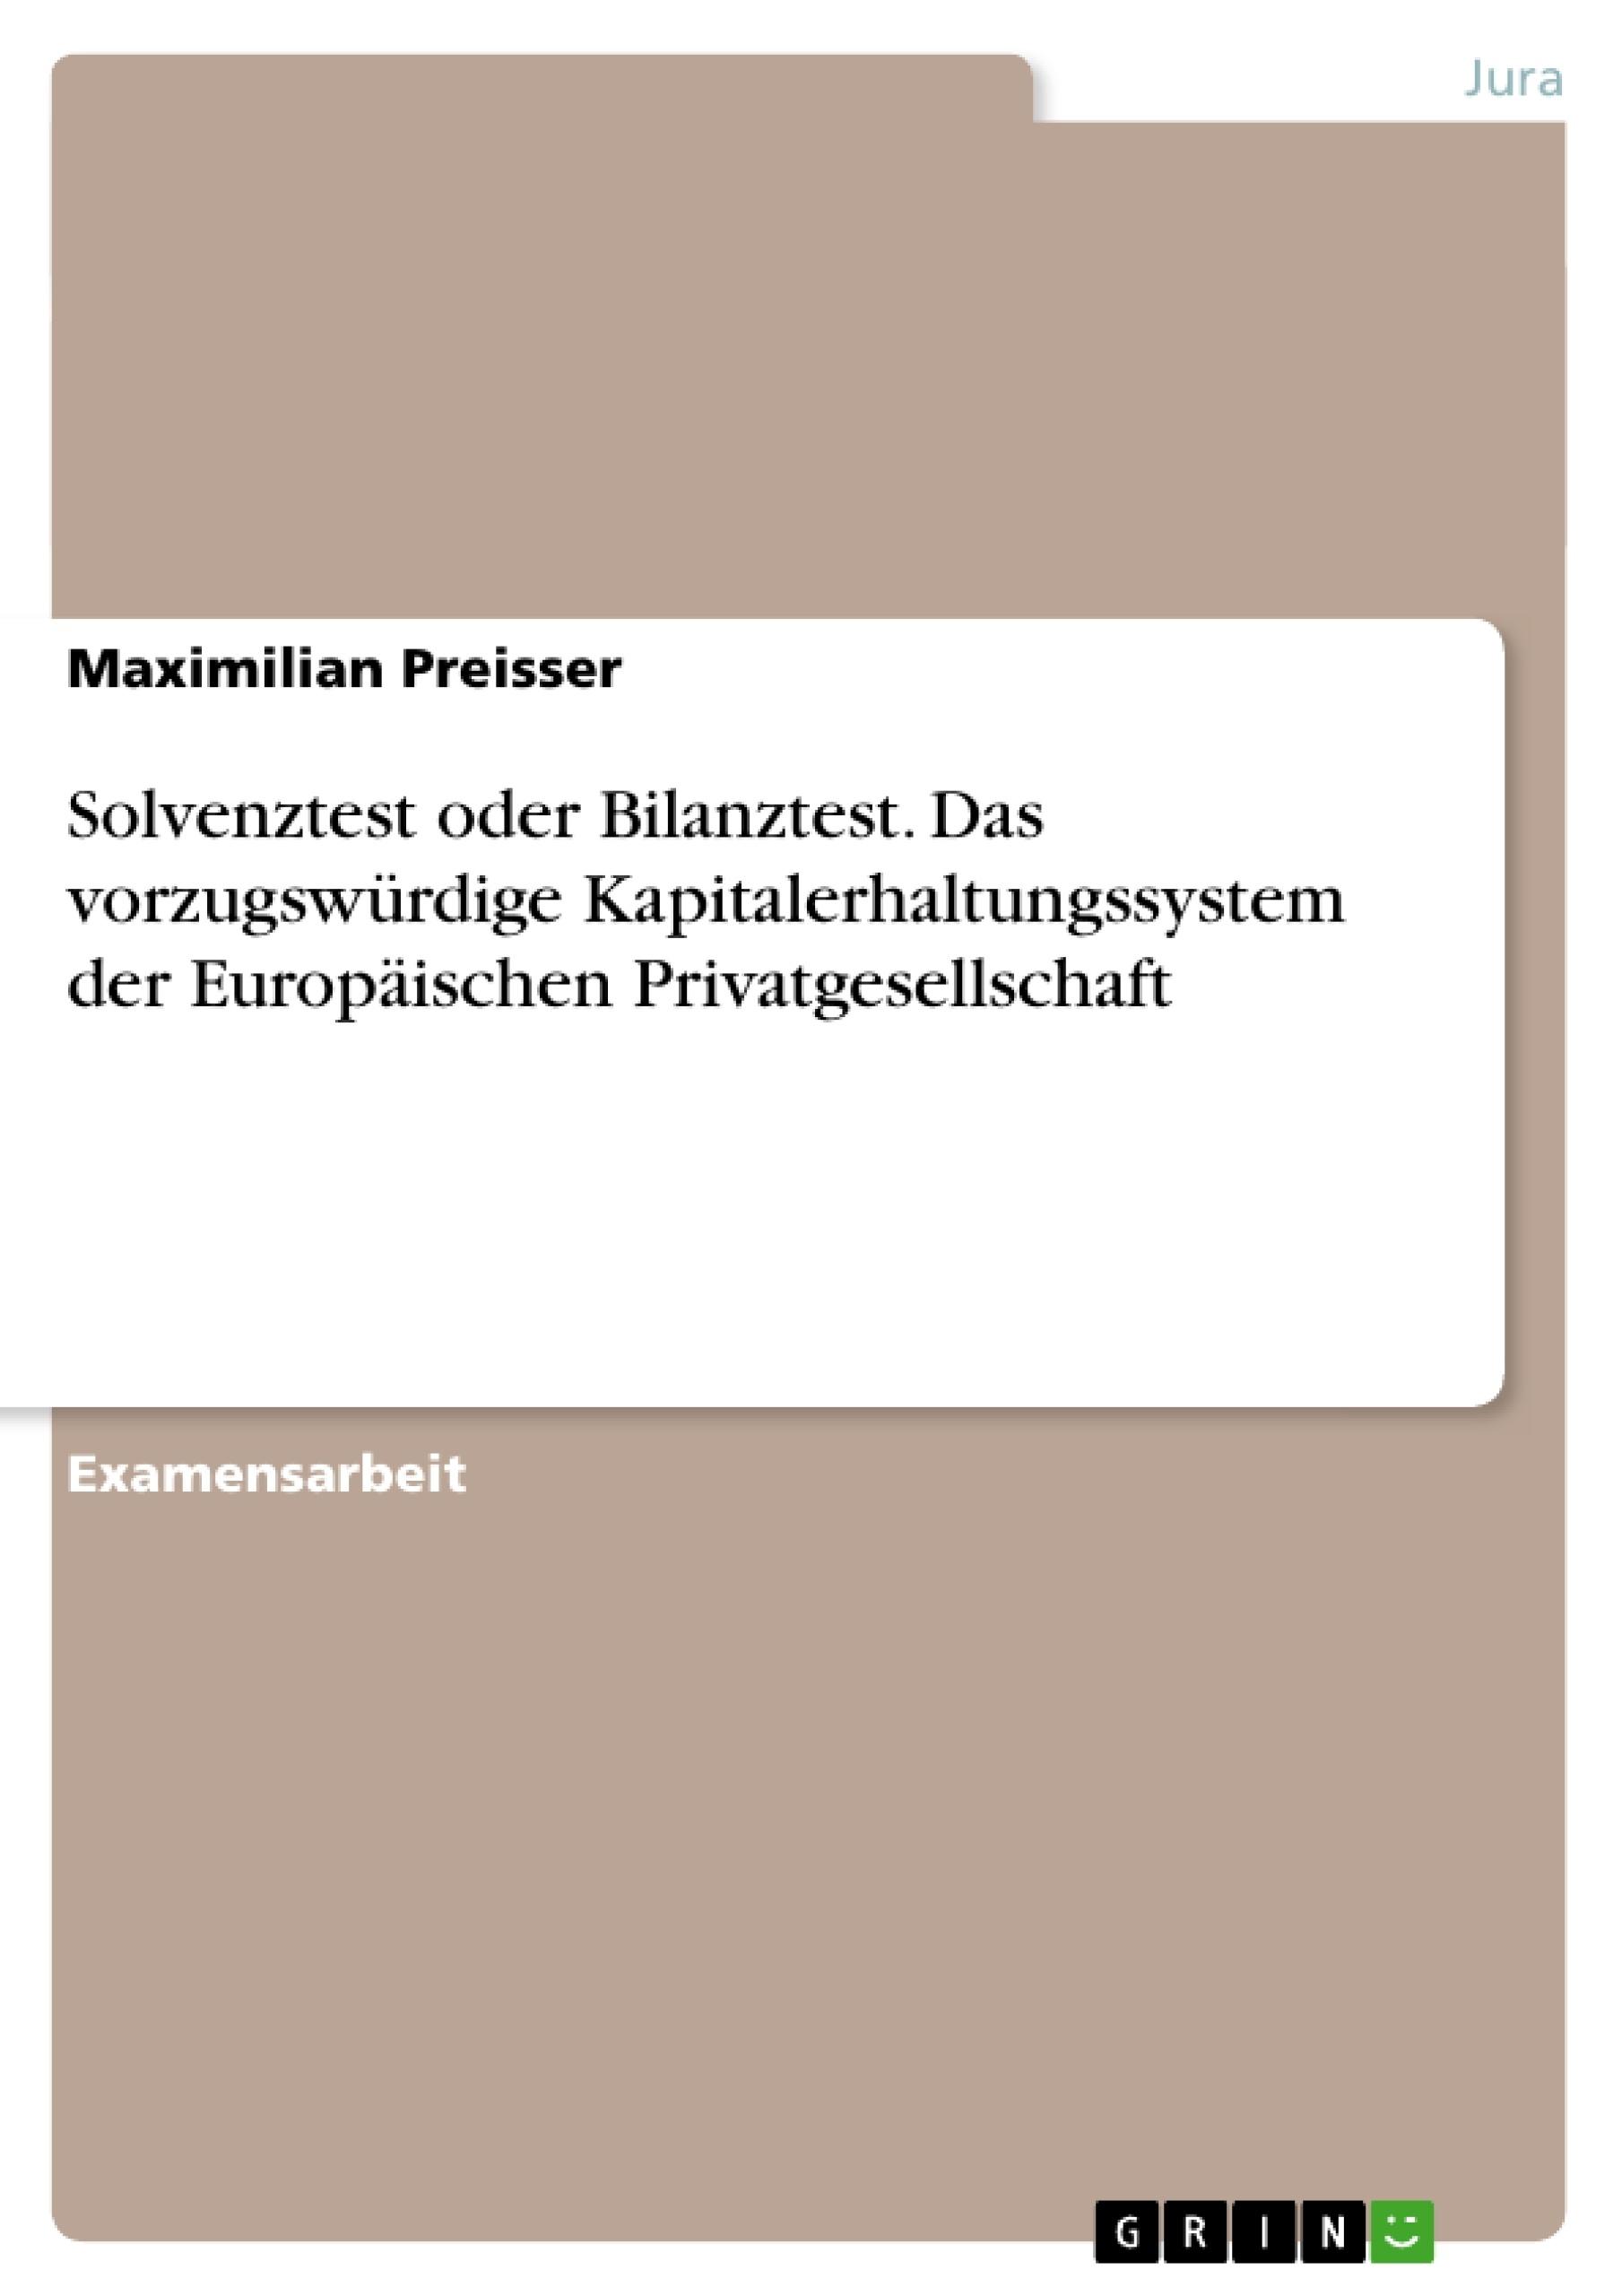 Titel: Solvenztest oder Bilanztest. Das vorzugswürdige Kapitalerhaltungssystem der Europäischen Privatgesellschaft